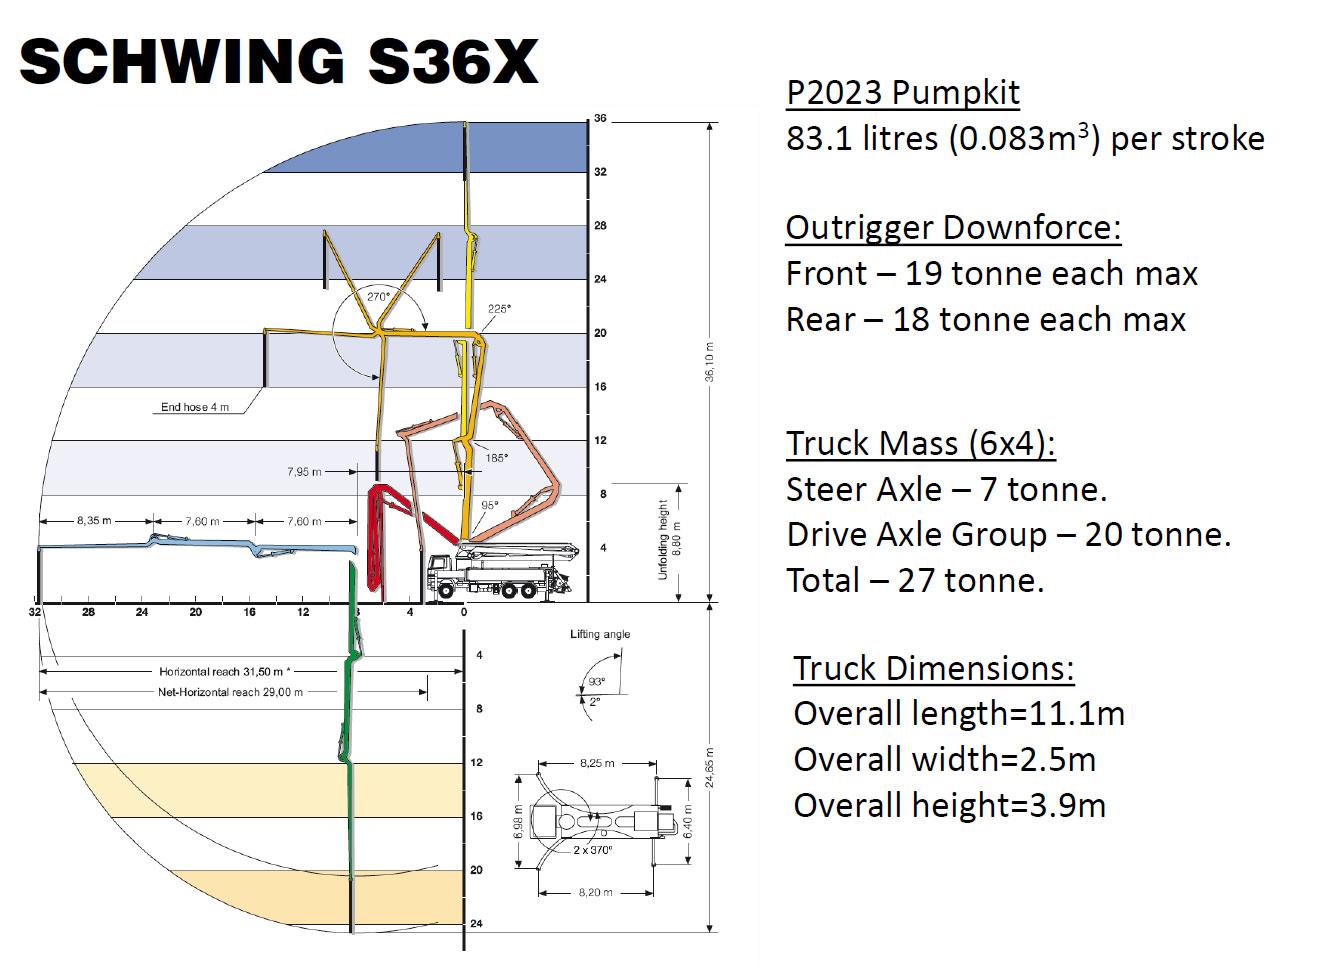 Schwing S36X Boom Pump Specs